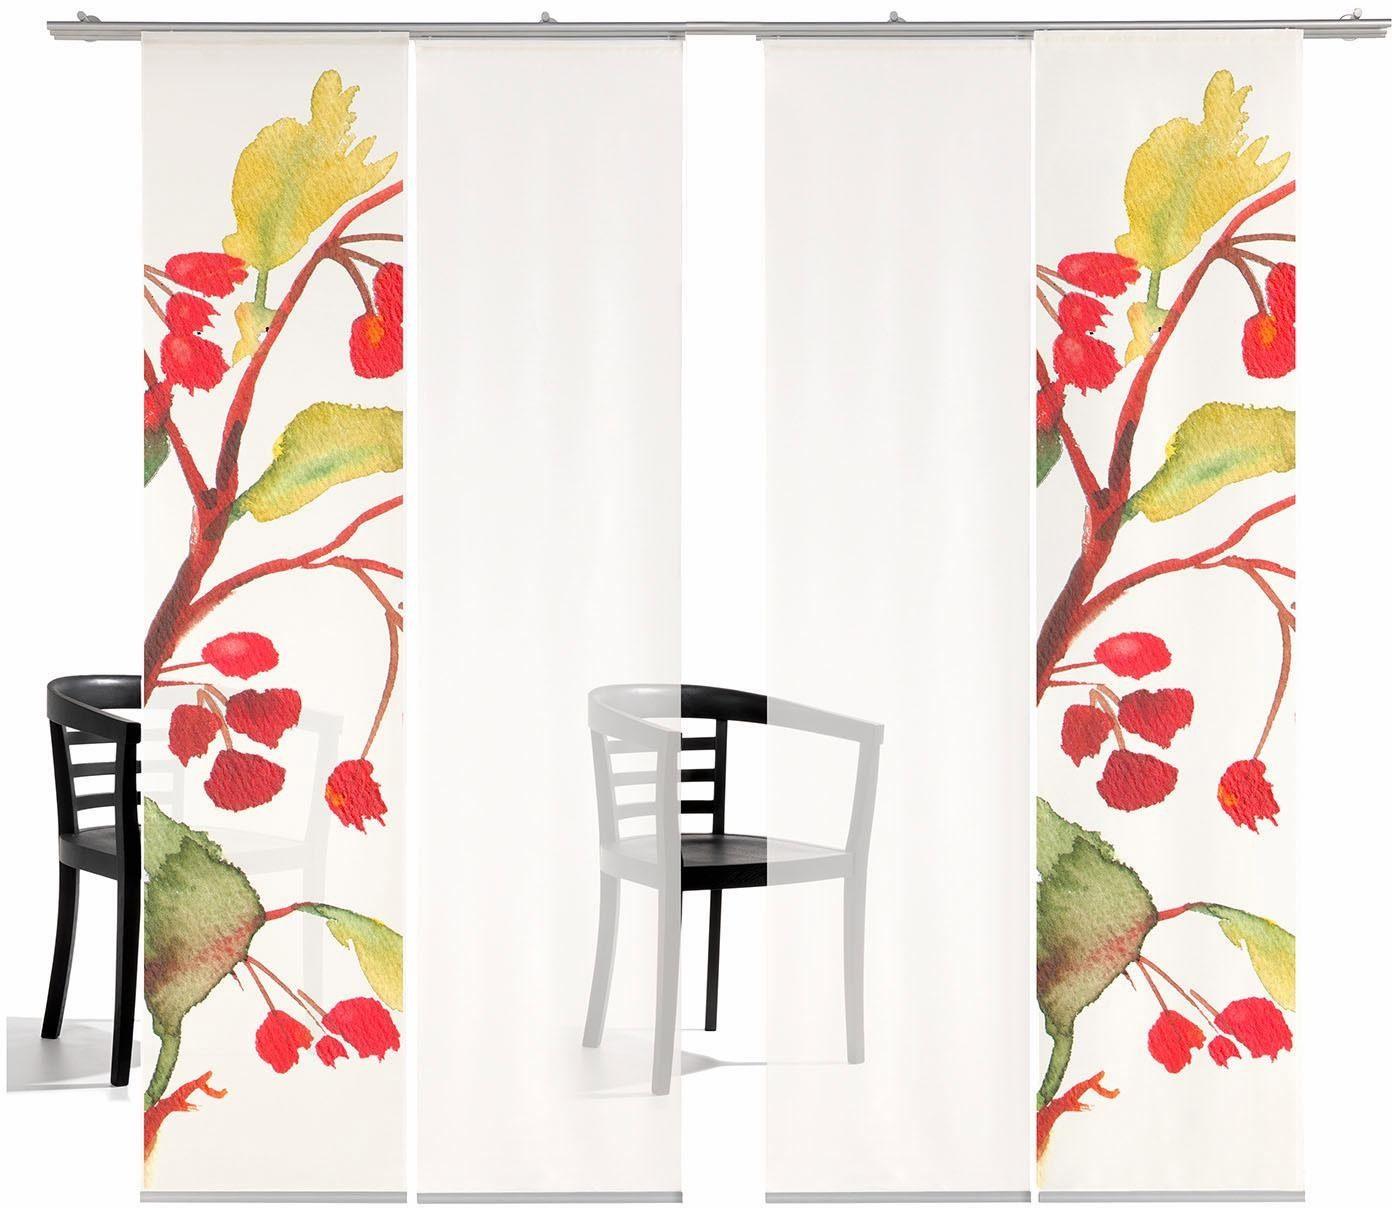 Schiebegardine »Kirschblüten TR«, emotion textiles, Klettband (4 Stück), inkl. Befestigungszubehör